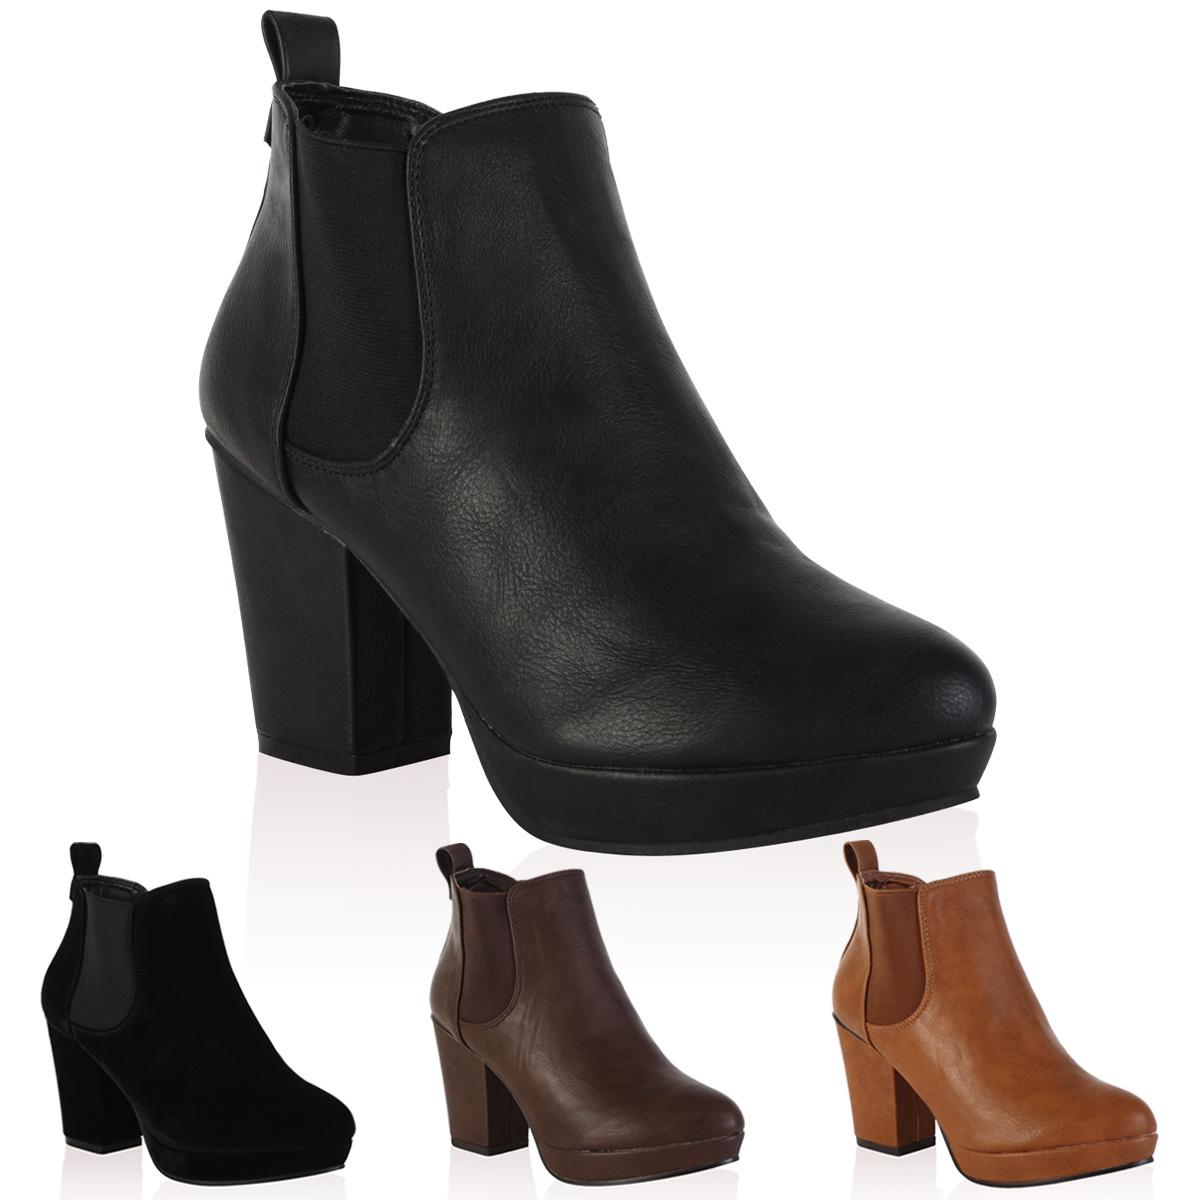 e4634fac468 Je veux trouver des bottes femmes de qualités pas cher ICI Bottine talon ...